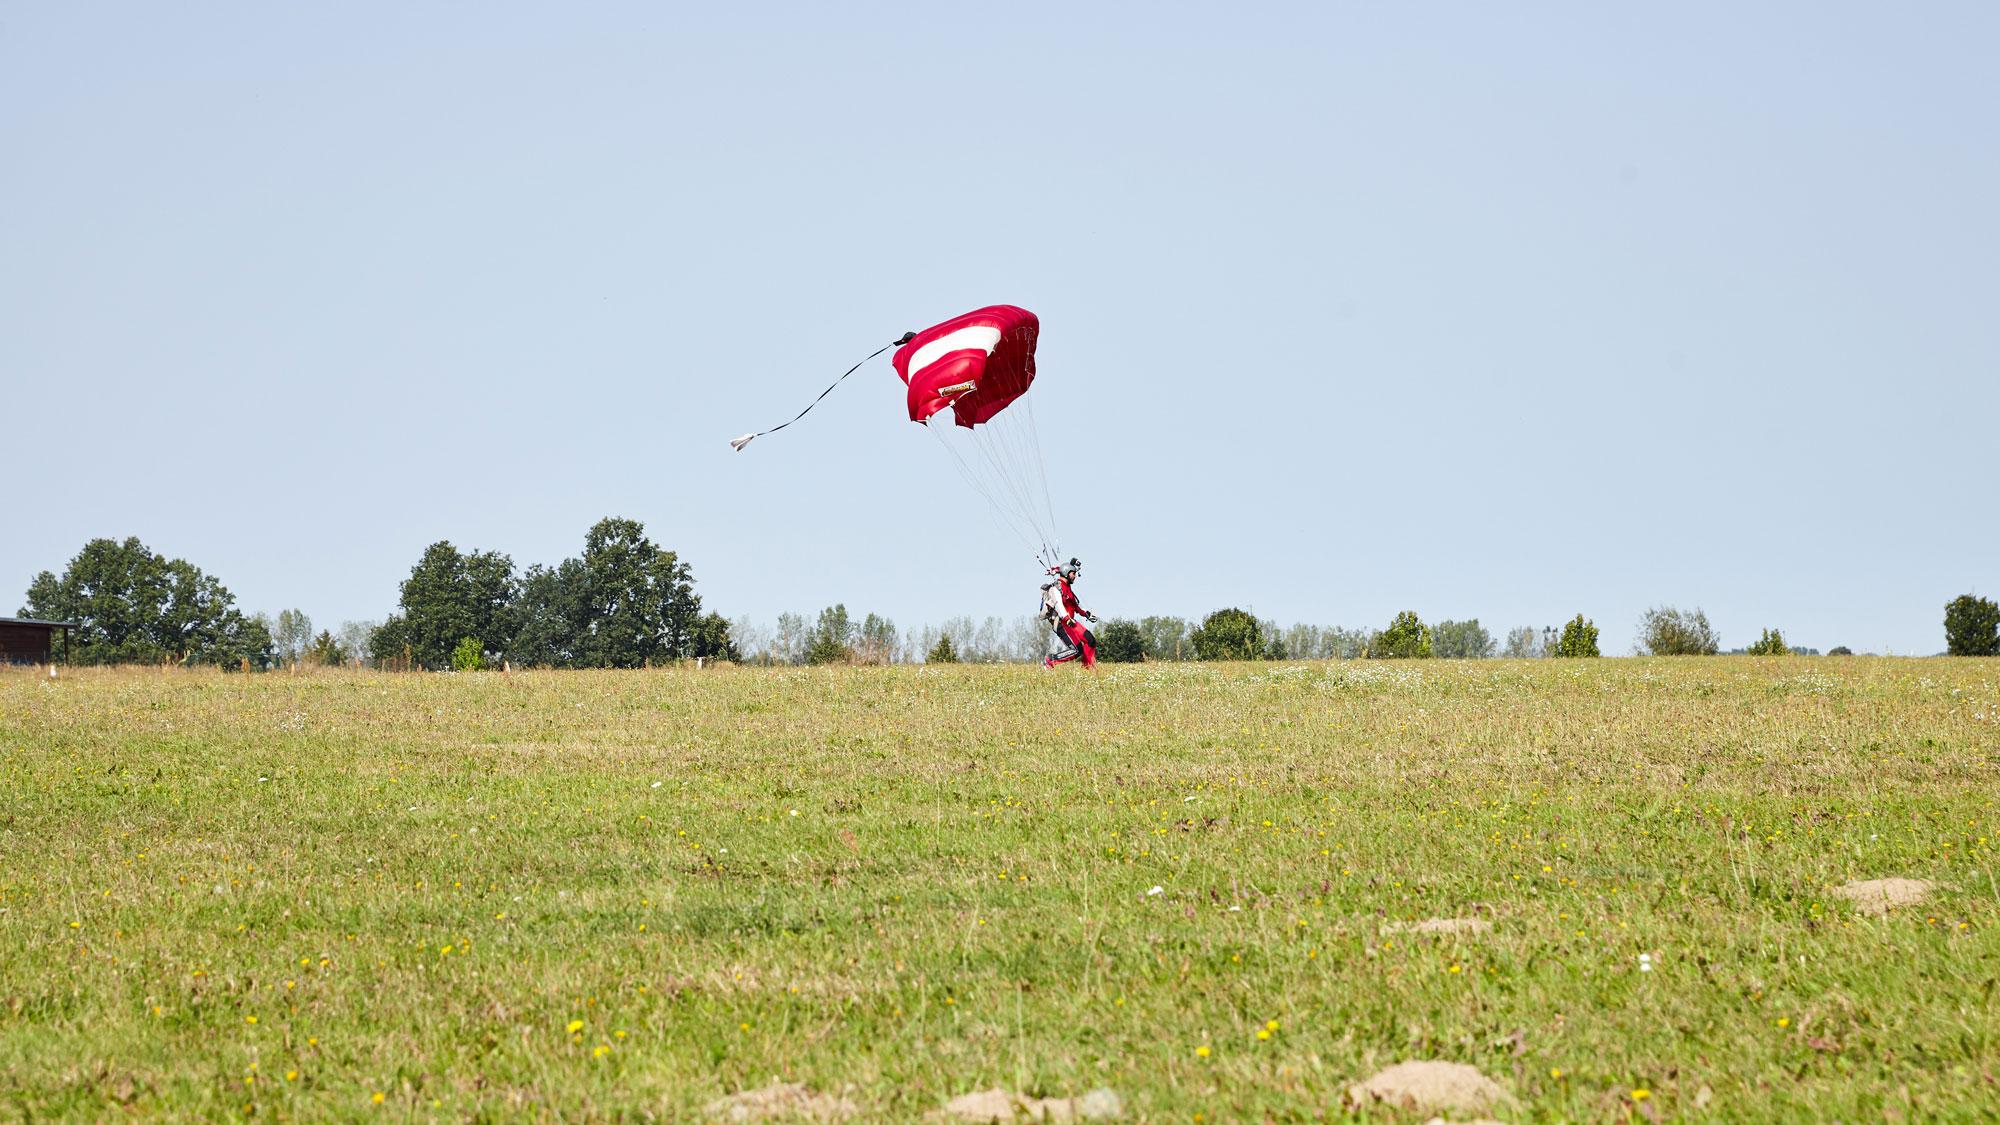 TAKE OFF Fehrbellin - Sportspringer bei der Landung auf dem Landeplatz